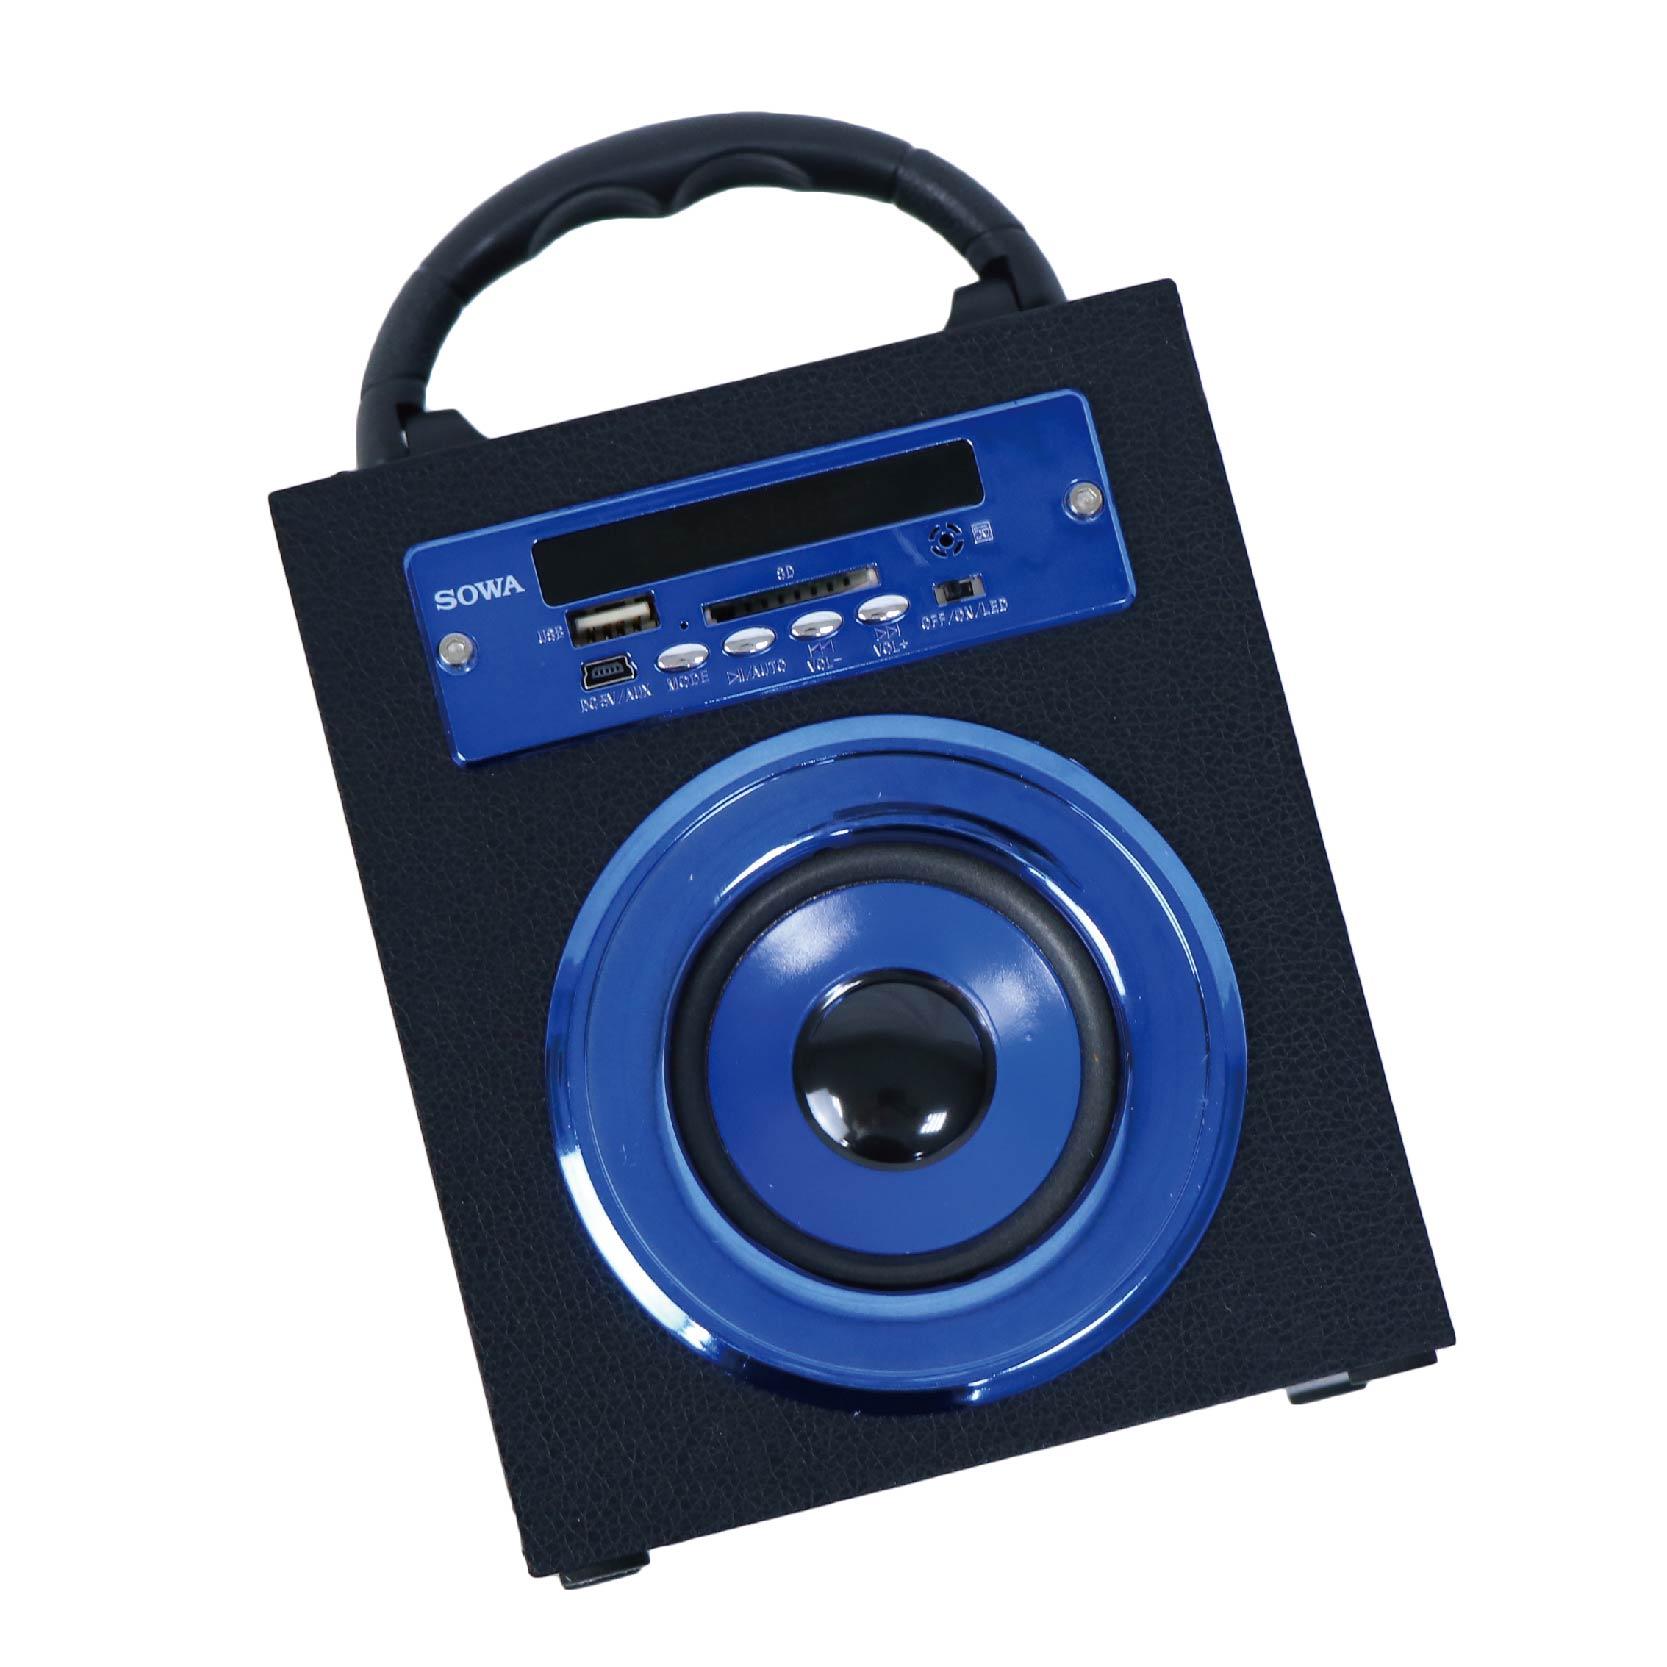 多功能藍芽巨砲喇叭 藍芽喇叭 手提藍芽音響 mp3 藍芽接收器 音樂播放器 喇叭 藍芽音響【AB110】 1